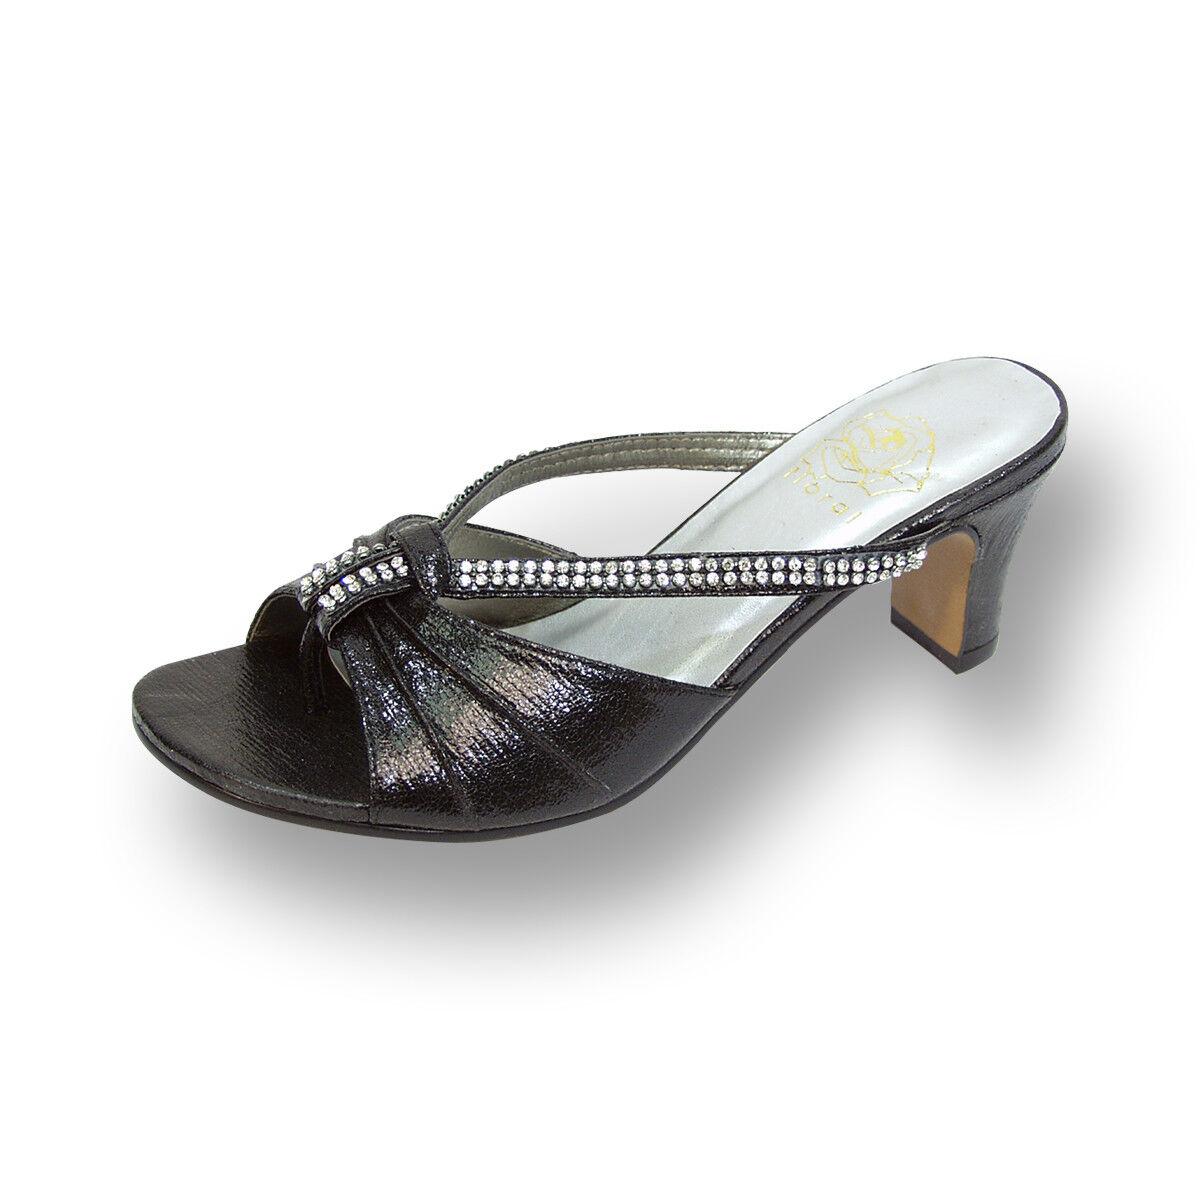 FLORAL Chrissy Women Wide Width OpenToe Rhinestone Strips Slip-On Sandals